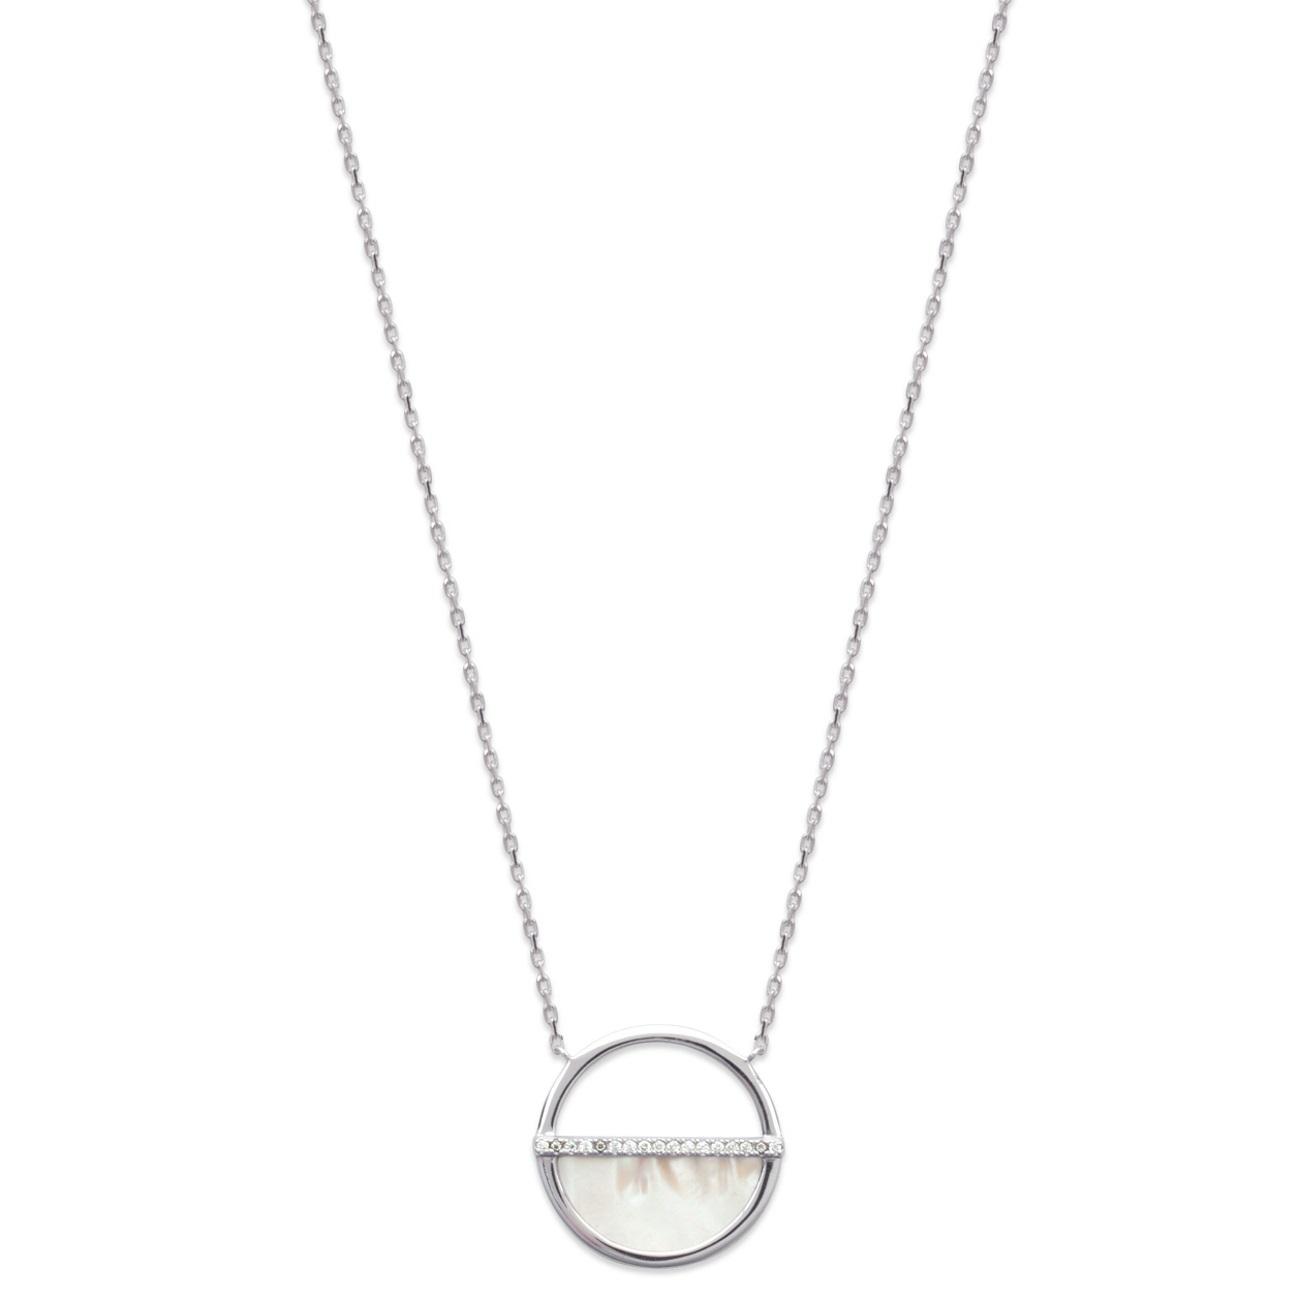 Collier en argent 925 000 rhodié, nacre et oxydes de zirconium. Cercle Rond 1dc7e0490152